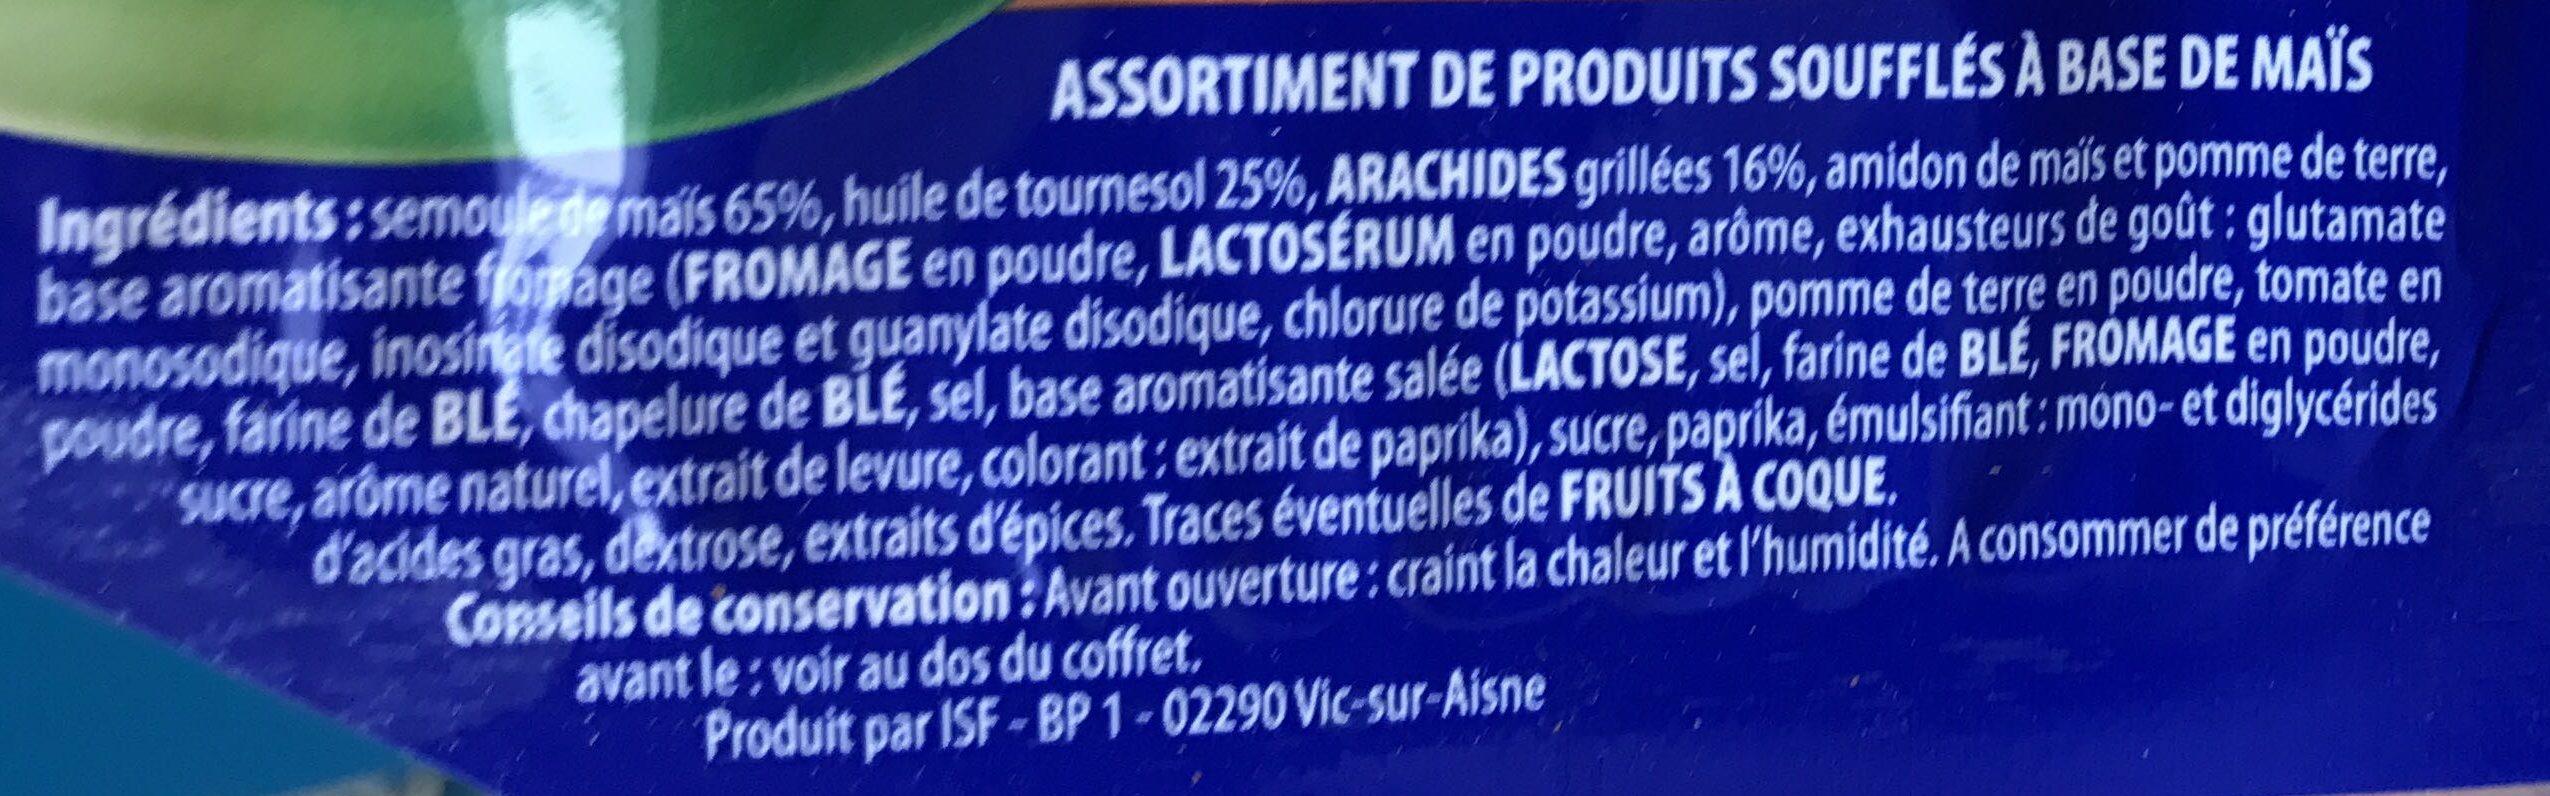 Drizz - Assortiment de produits soufflé à base de maïs - Ingrédients - fr